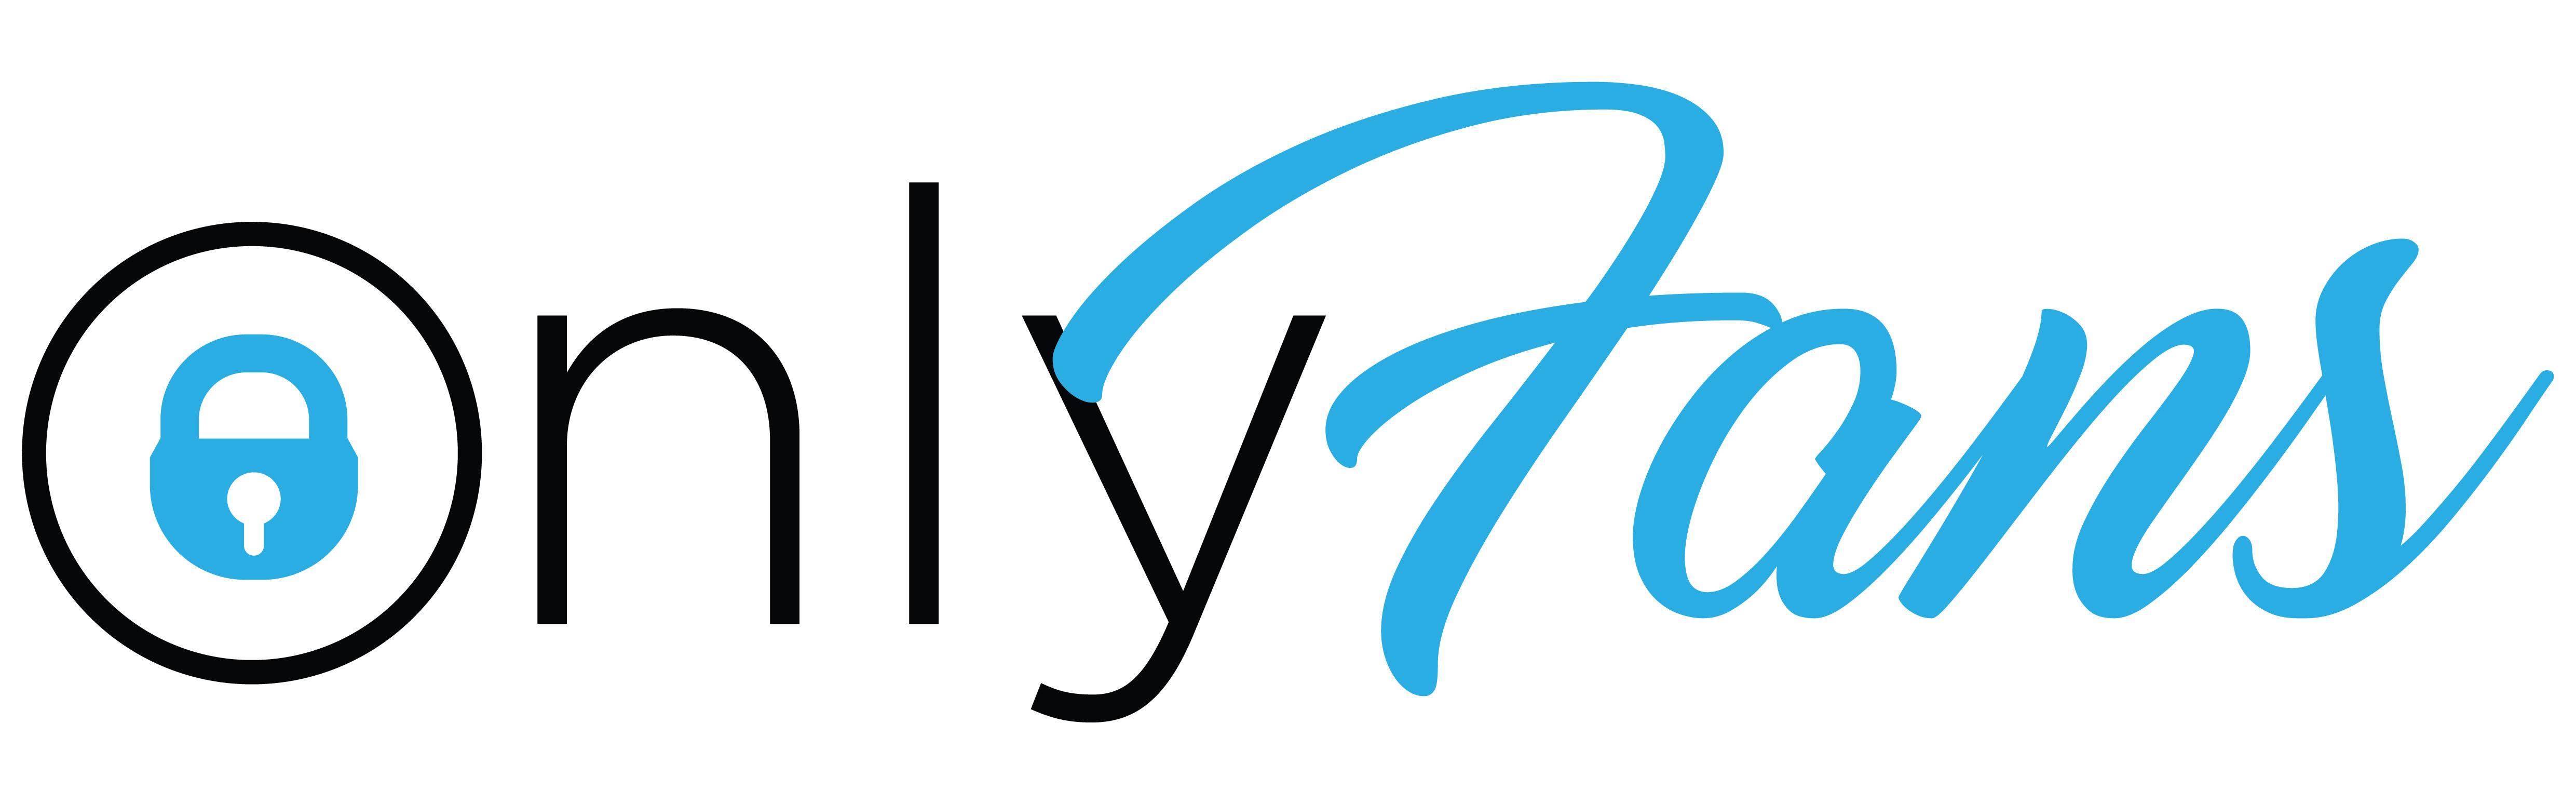 File:OnlyFans logo 3.jpg.